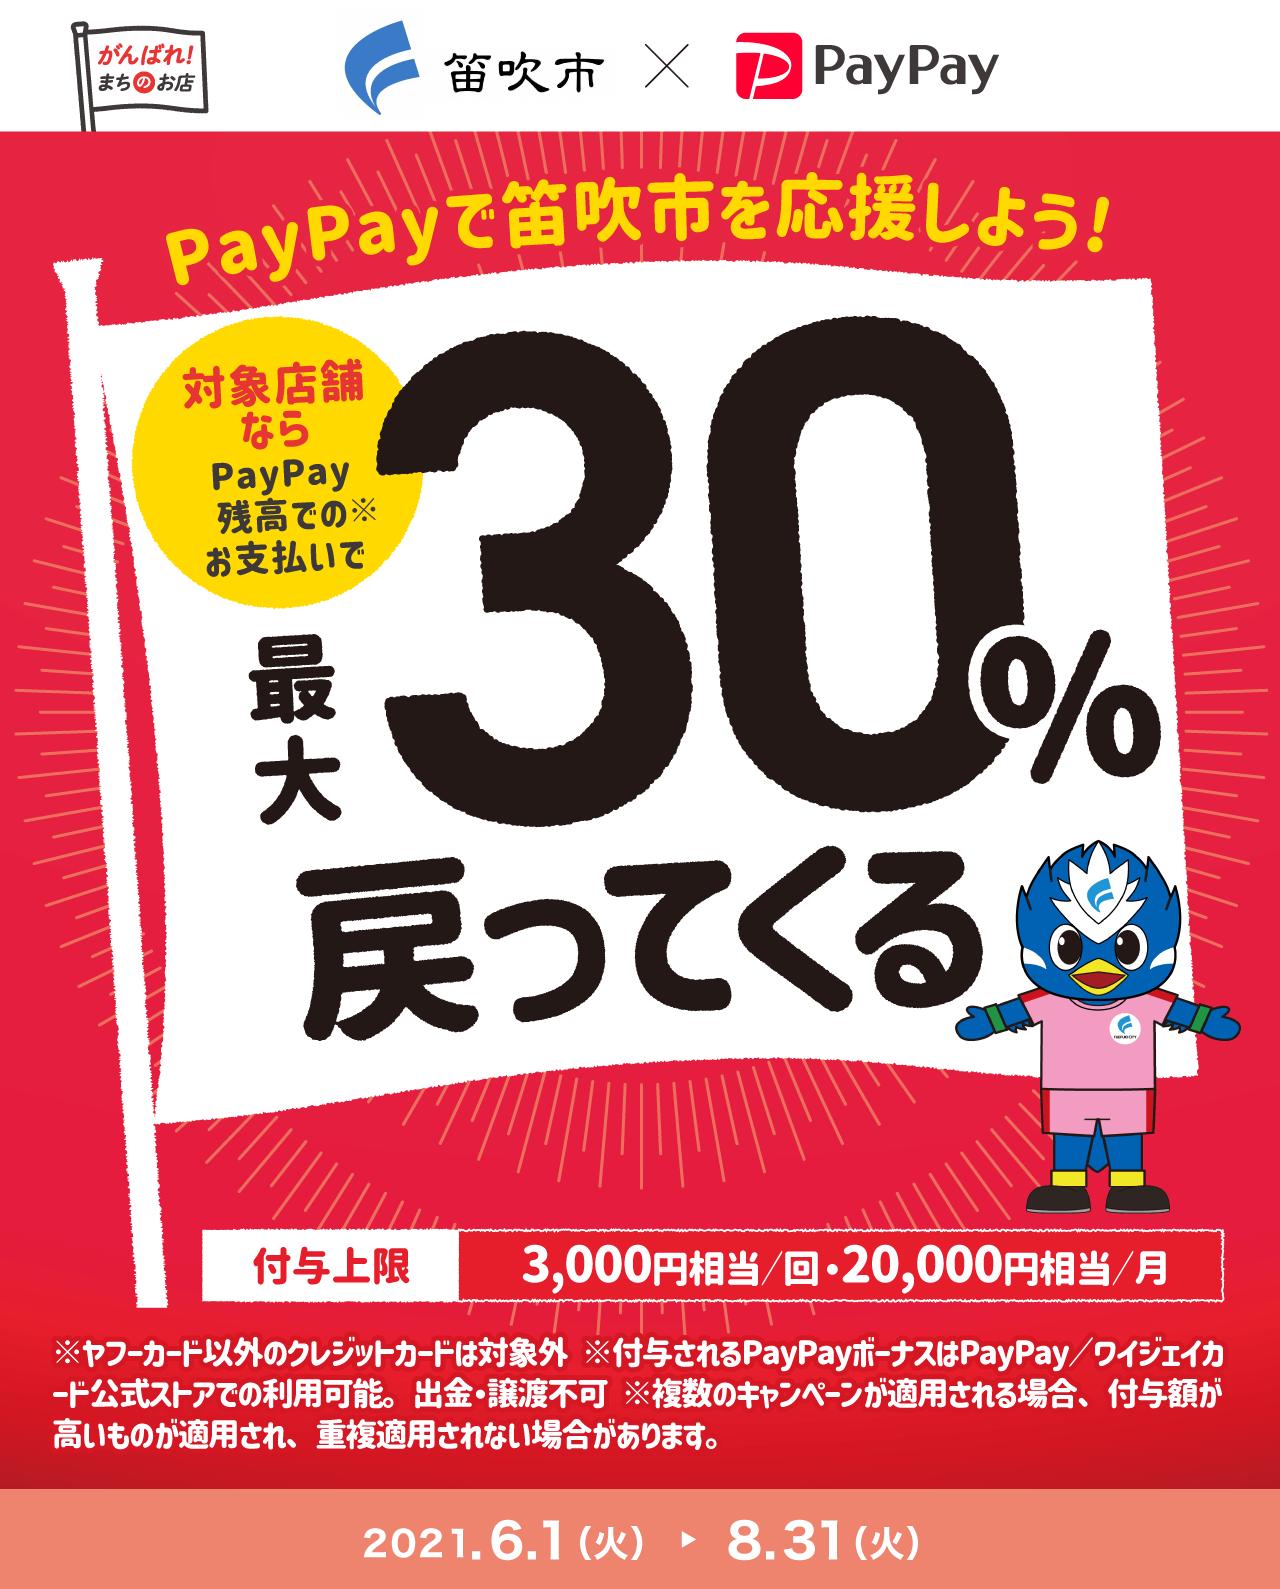 PayPayで笛吹市を応援しよう! 対象店舗ならPayPay残高でのお支払いで最大30%戻ってくる